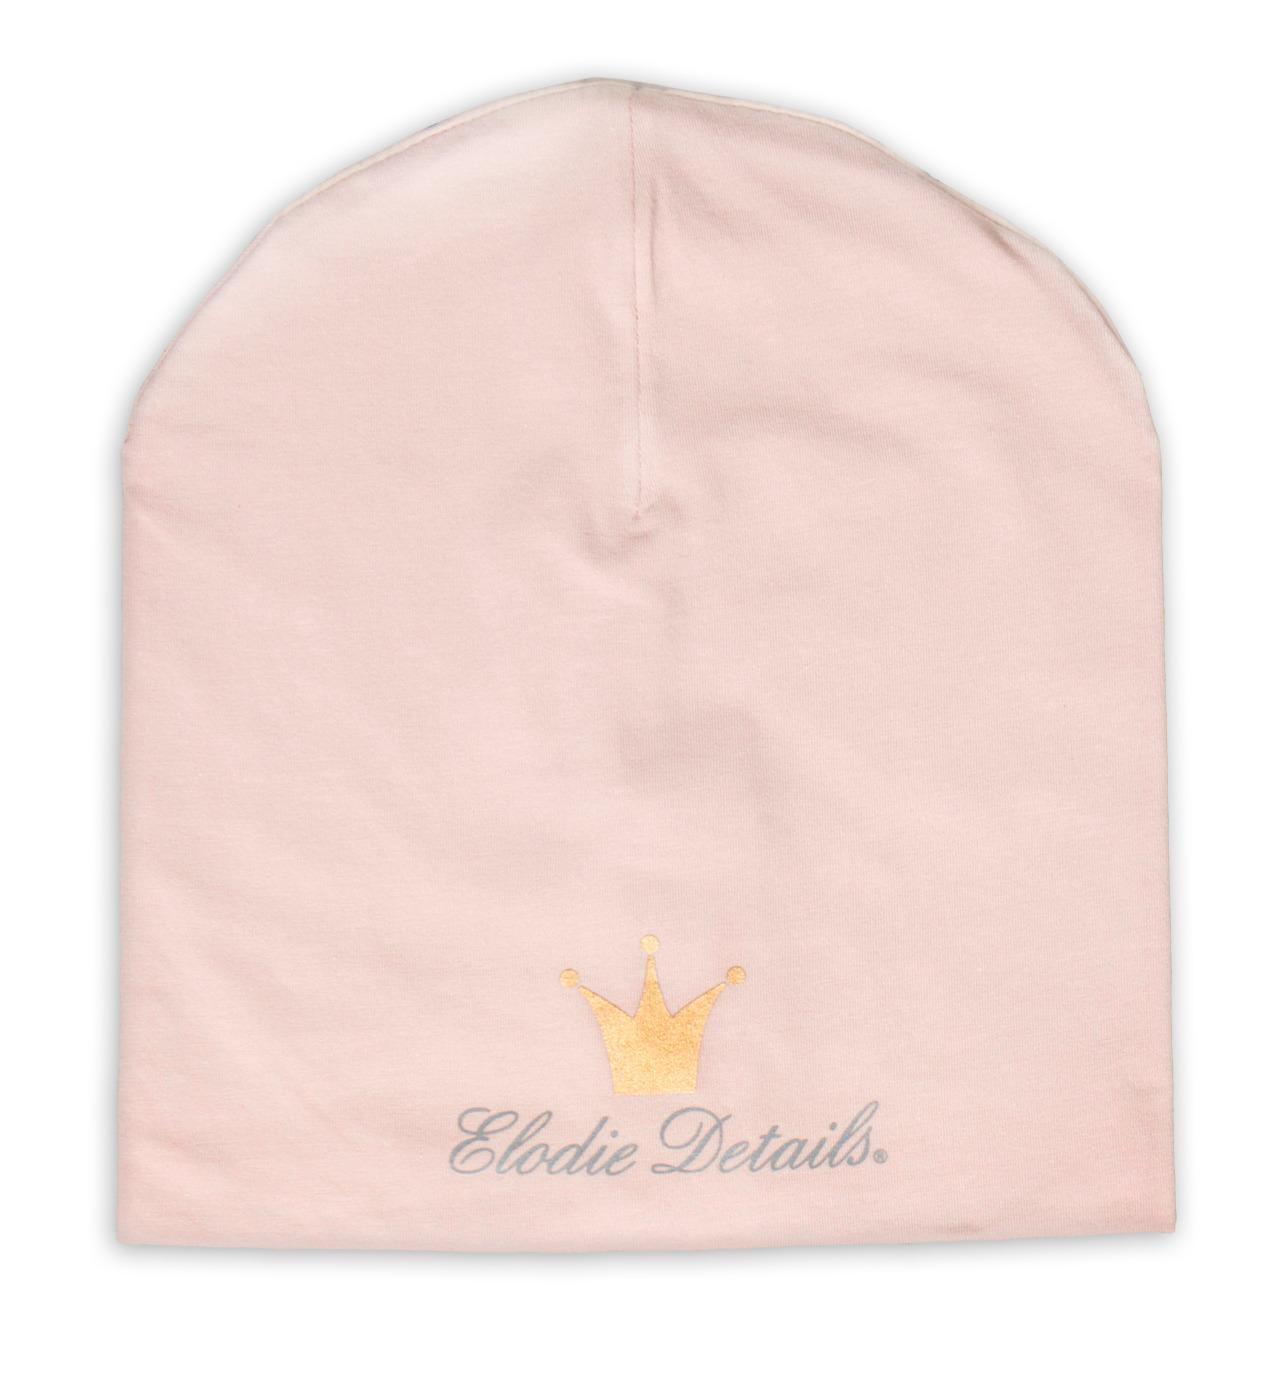 Elodie Details - czapka Powder Pink, 24-36 m-cy